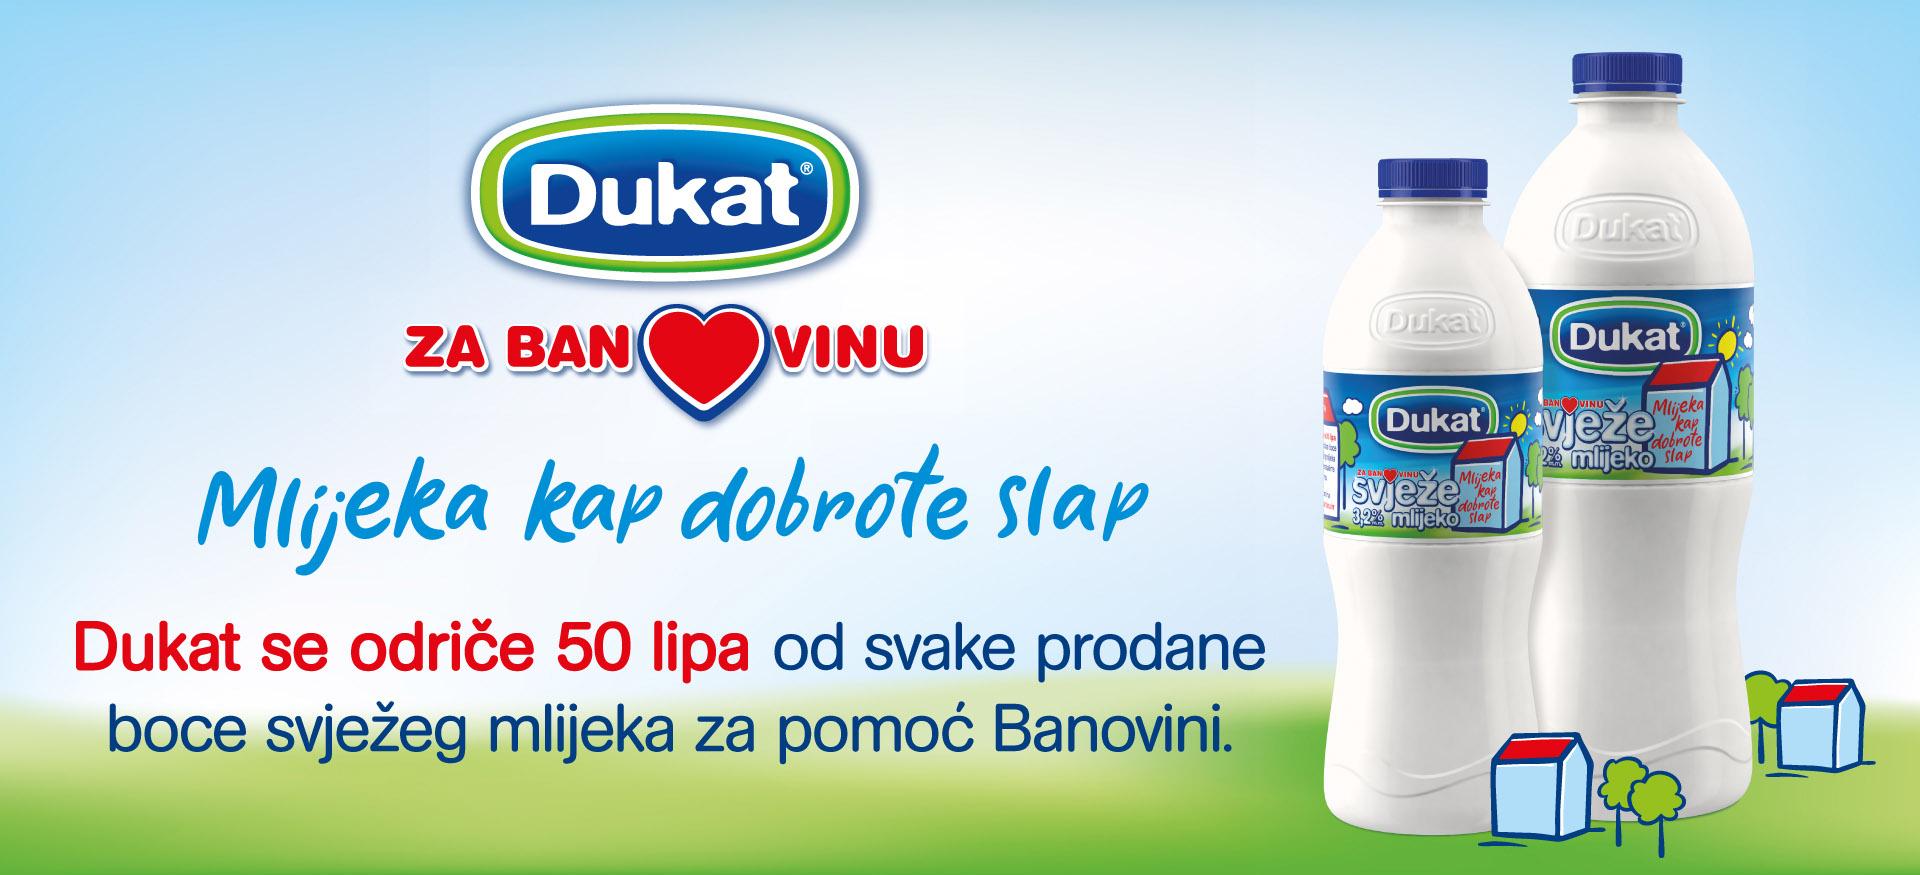 Banner Konzum_Dukat za Banovinu_1920x875.jpg